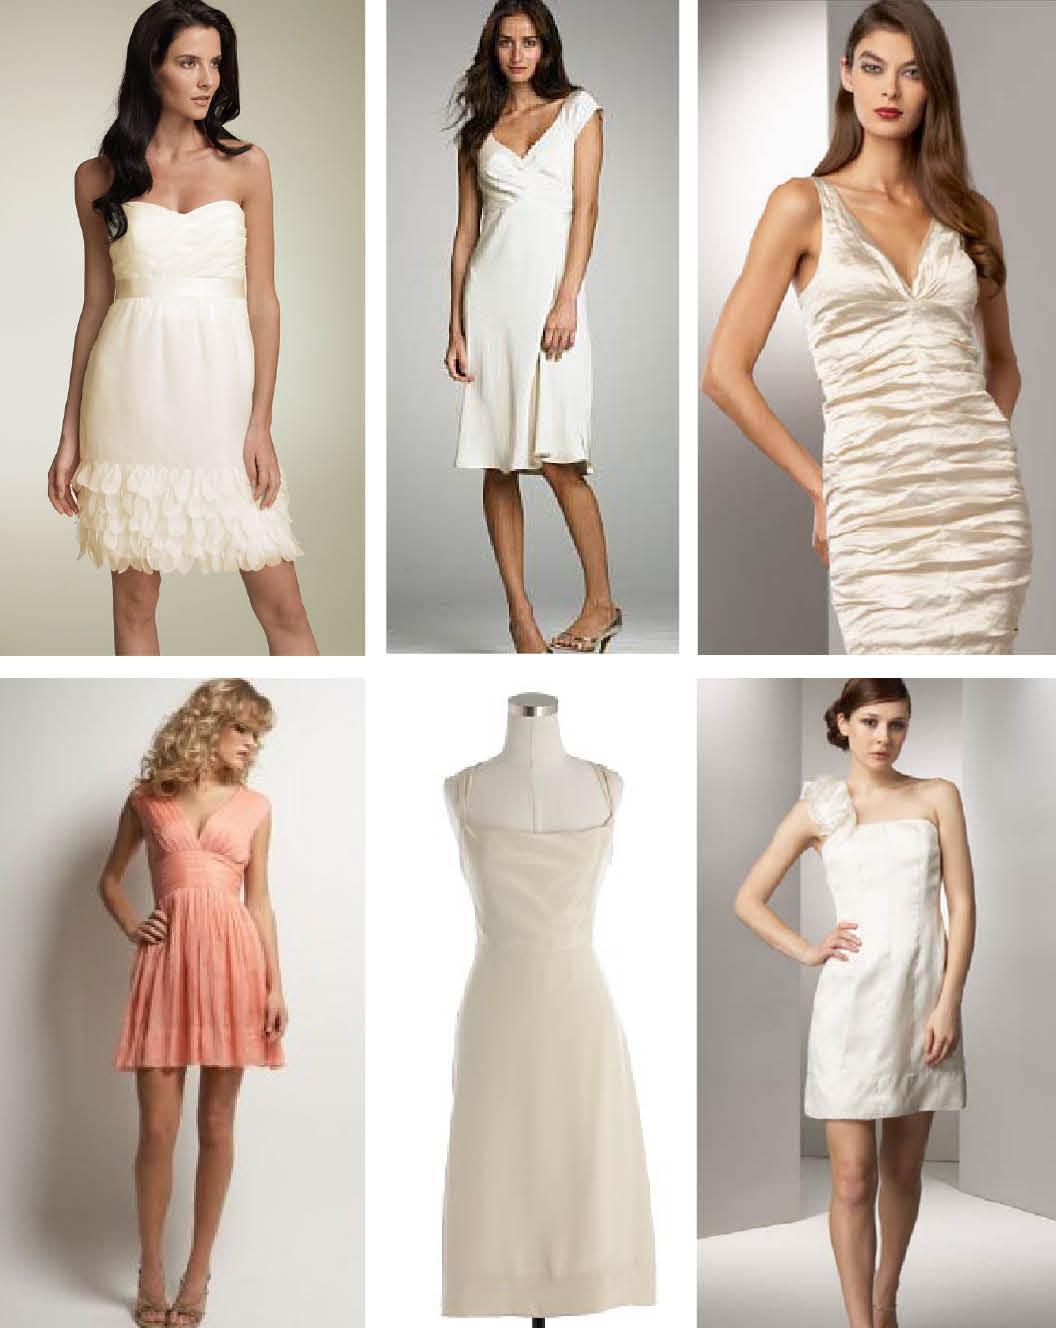 http://4.bp.blogspot.com/-jy2jVoXUZ2U/Tc21_rIWpNI/AAAAAAAAGqk/VpZkinQfRUg/s1600/party-dresses-11.jpg